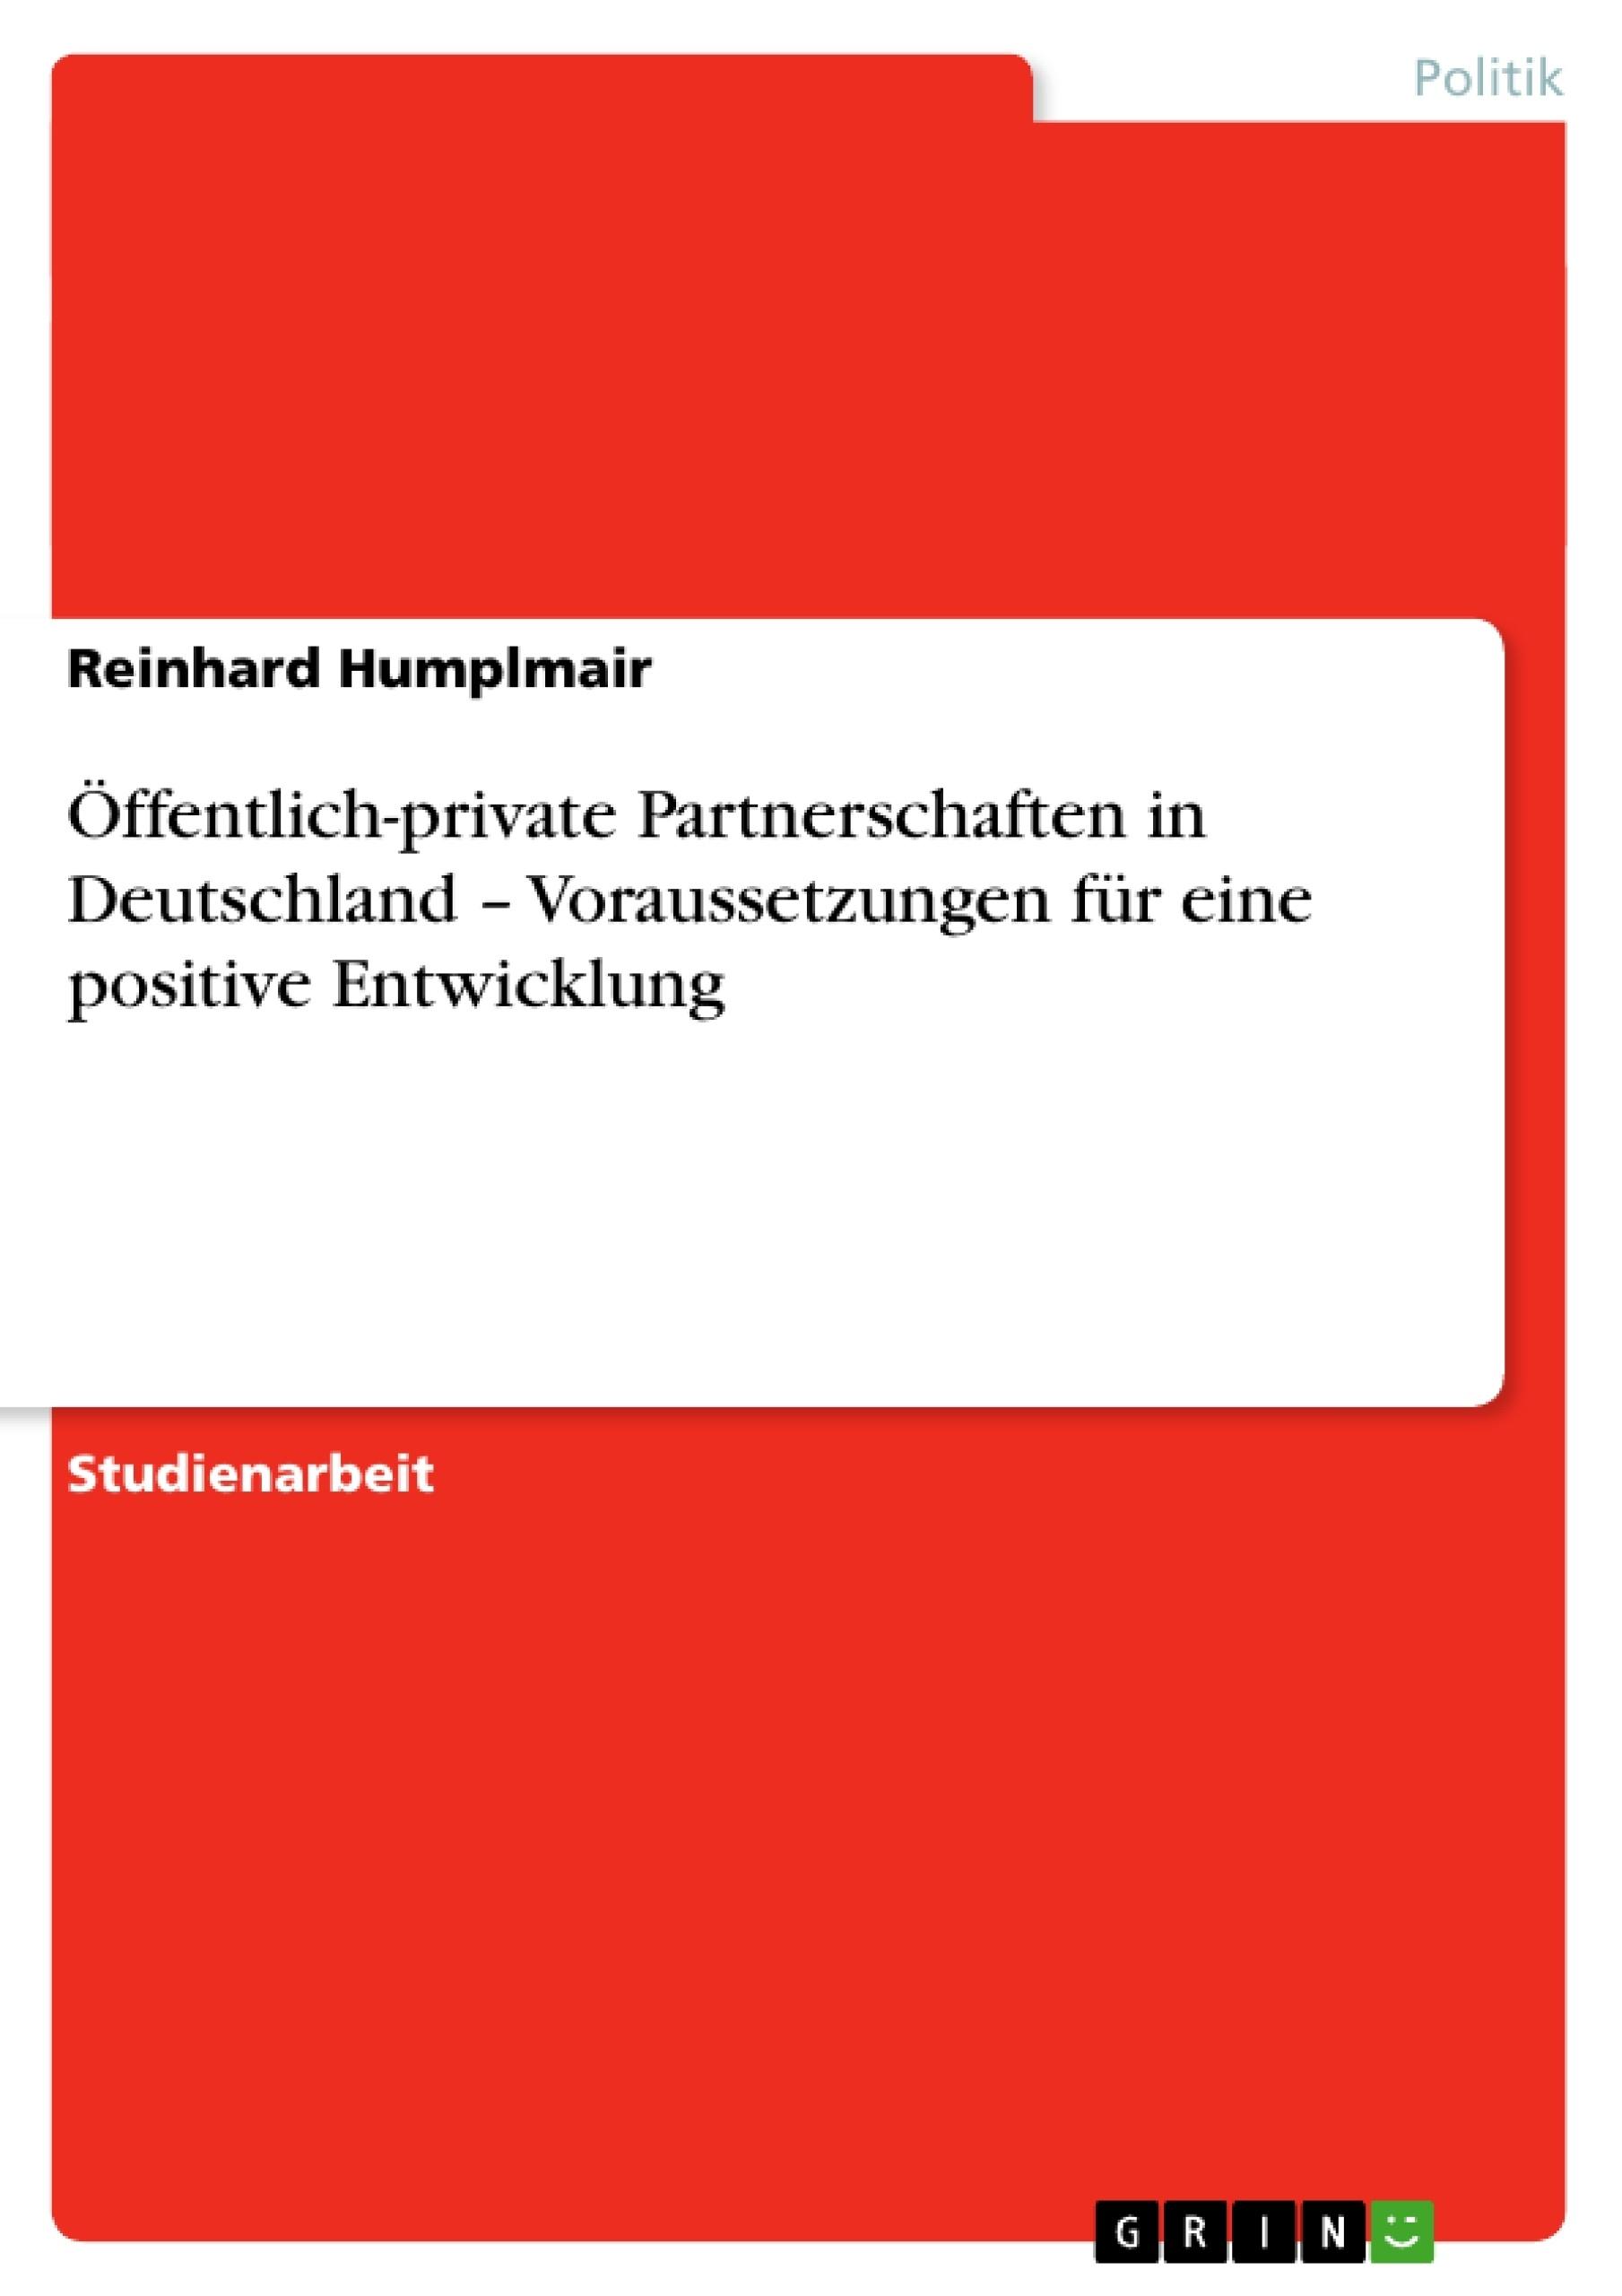 Titel: Öffentlich-private Partnerschaften in Deutschland – Voraussetzungen für eine positive Entwicklung